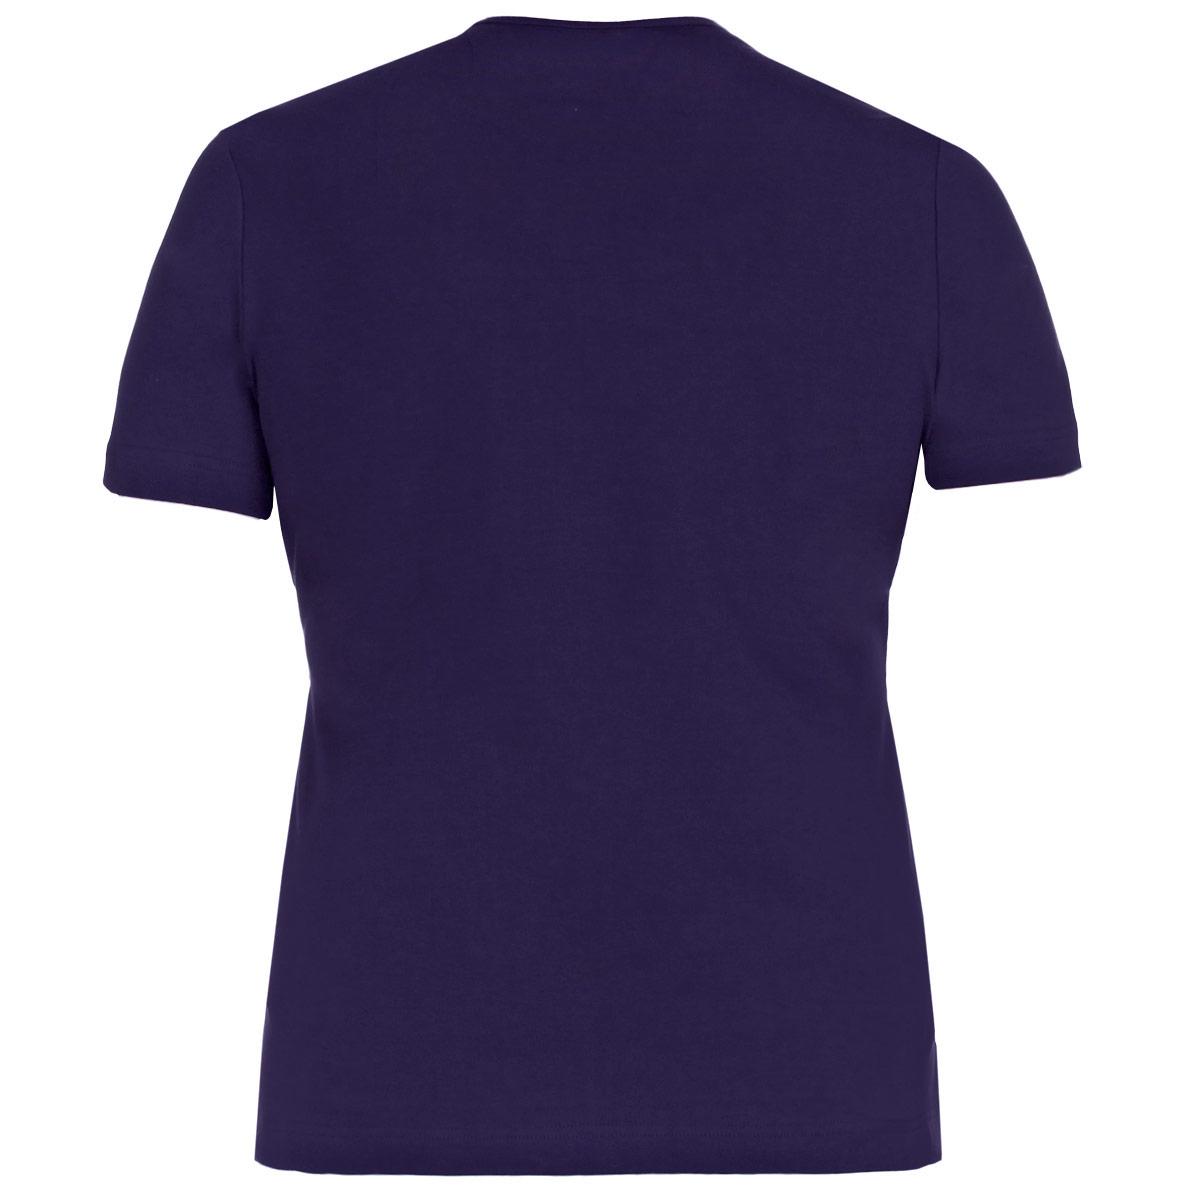 Футболка женская. 305623056Однотонная женская футболка Mondigo прекрасно подойдет для повседневного использования. Она выполнена из мягкой вискозы, приятная на ощупь, не раздражает кожу и хорошо вентилируется. Модель с V-образным вырезом горловины и короткими рукавами декорирована небольшой металлической нашивкой в виде логотипа бренда. Мягкий трикотаж и приталенный силуэт эффектно подчеркивают фигуру. Высокое качество обработки швов, от ворота до груди имеется дополнительная внутренняя вставка для хорошей посадки изделия. Эта футболка - идеальный вариант для создания образа в стиле Casual.